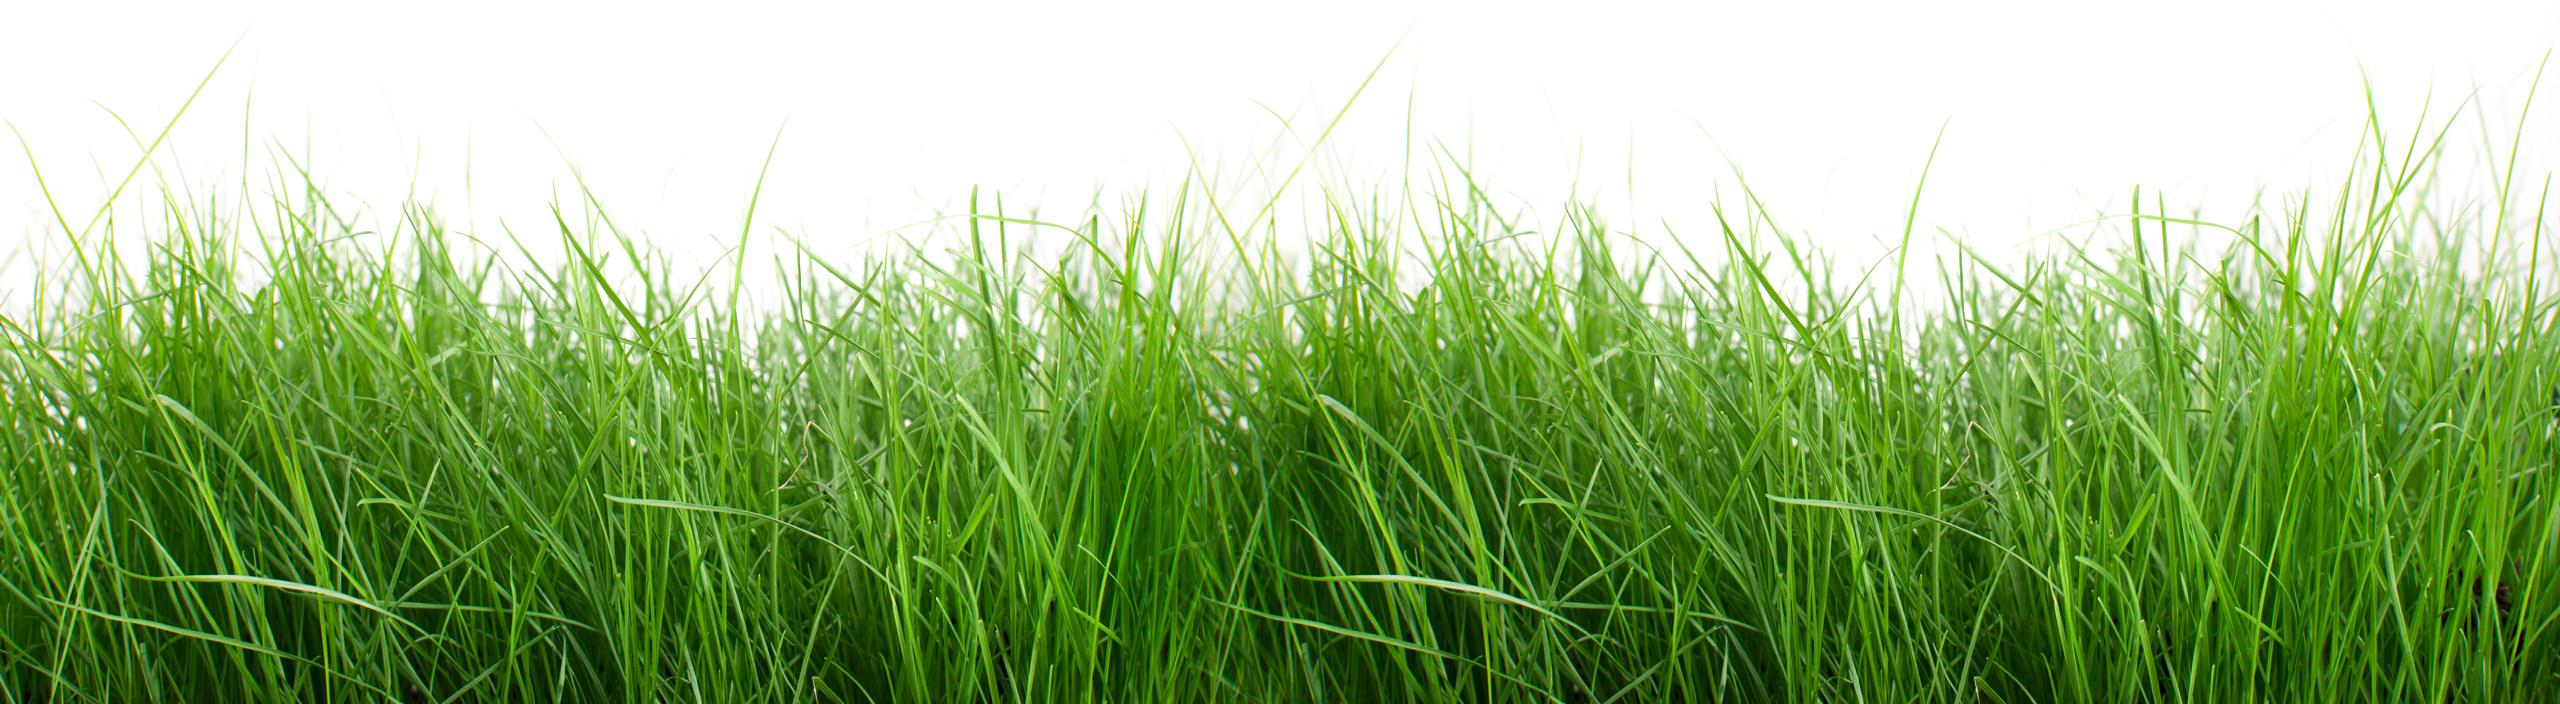 grass-bg